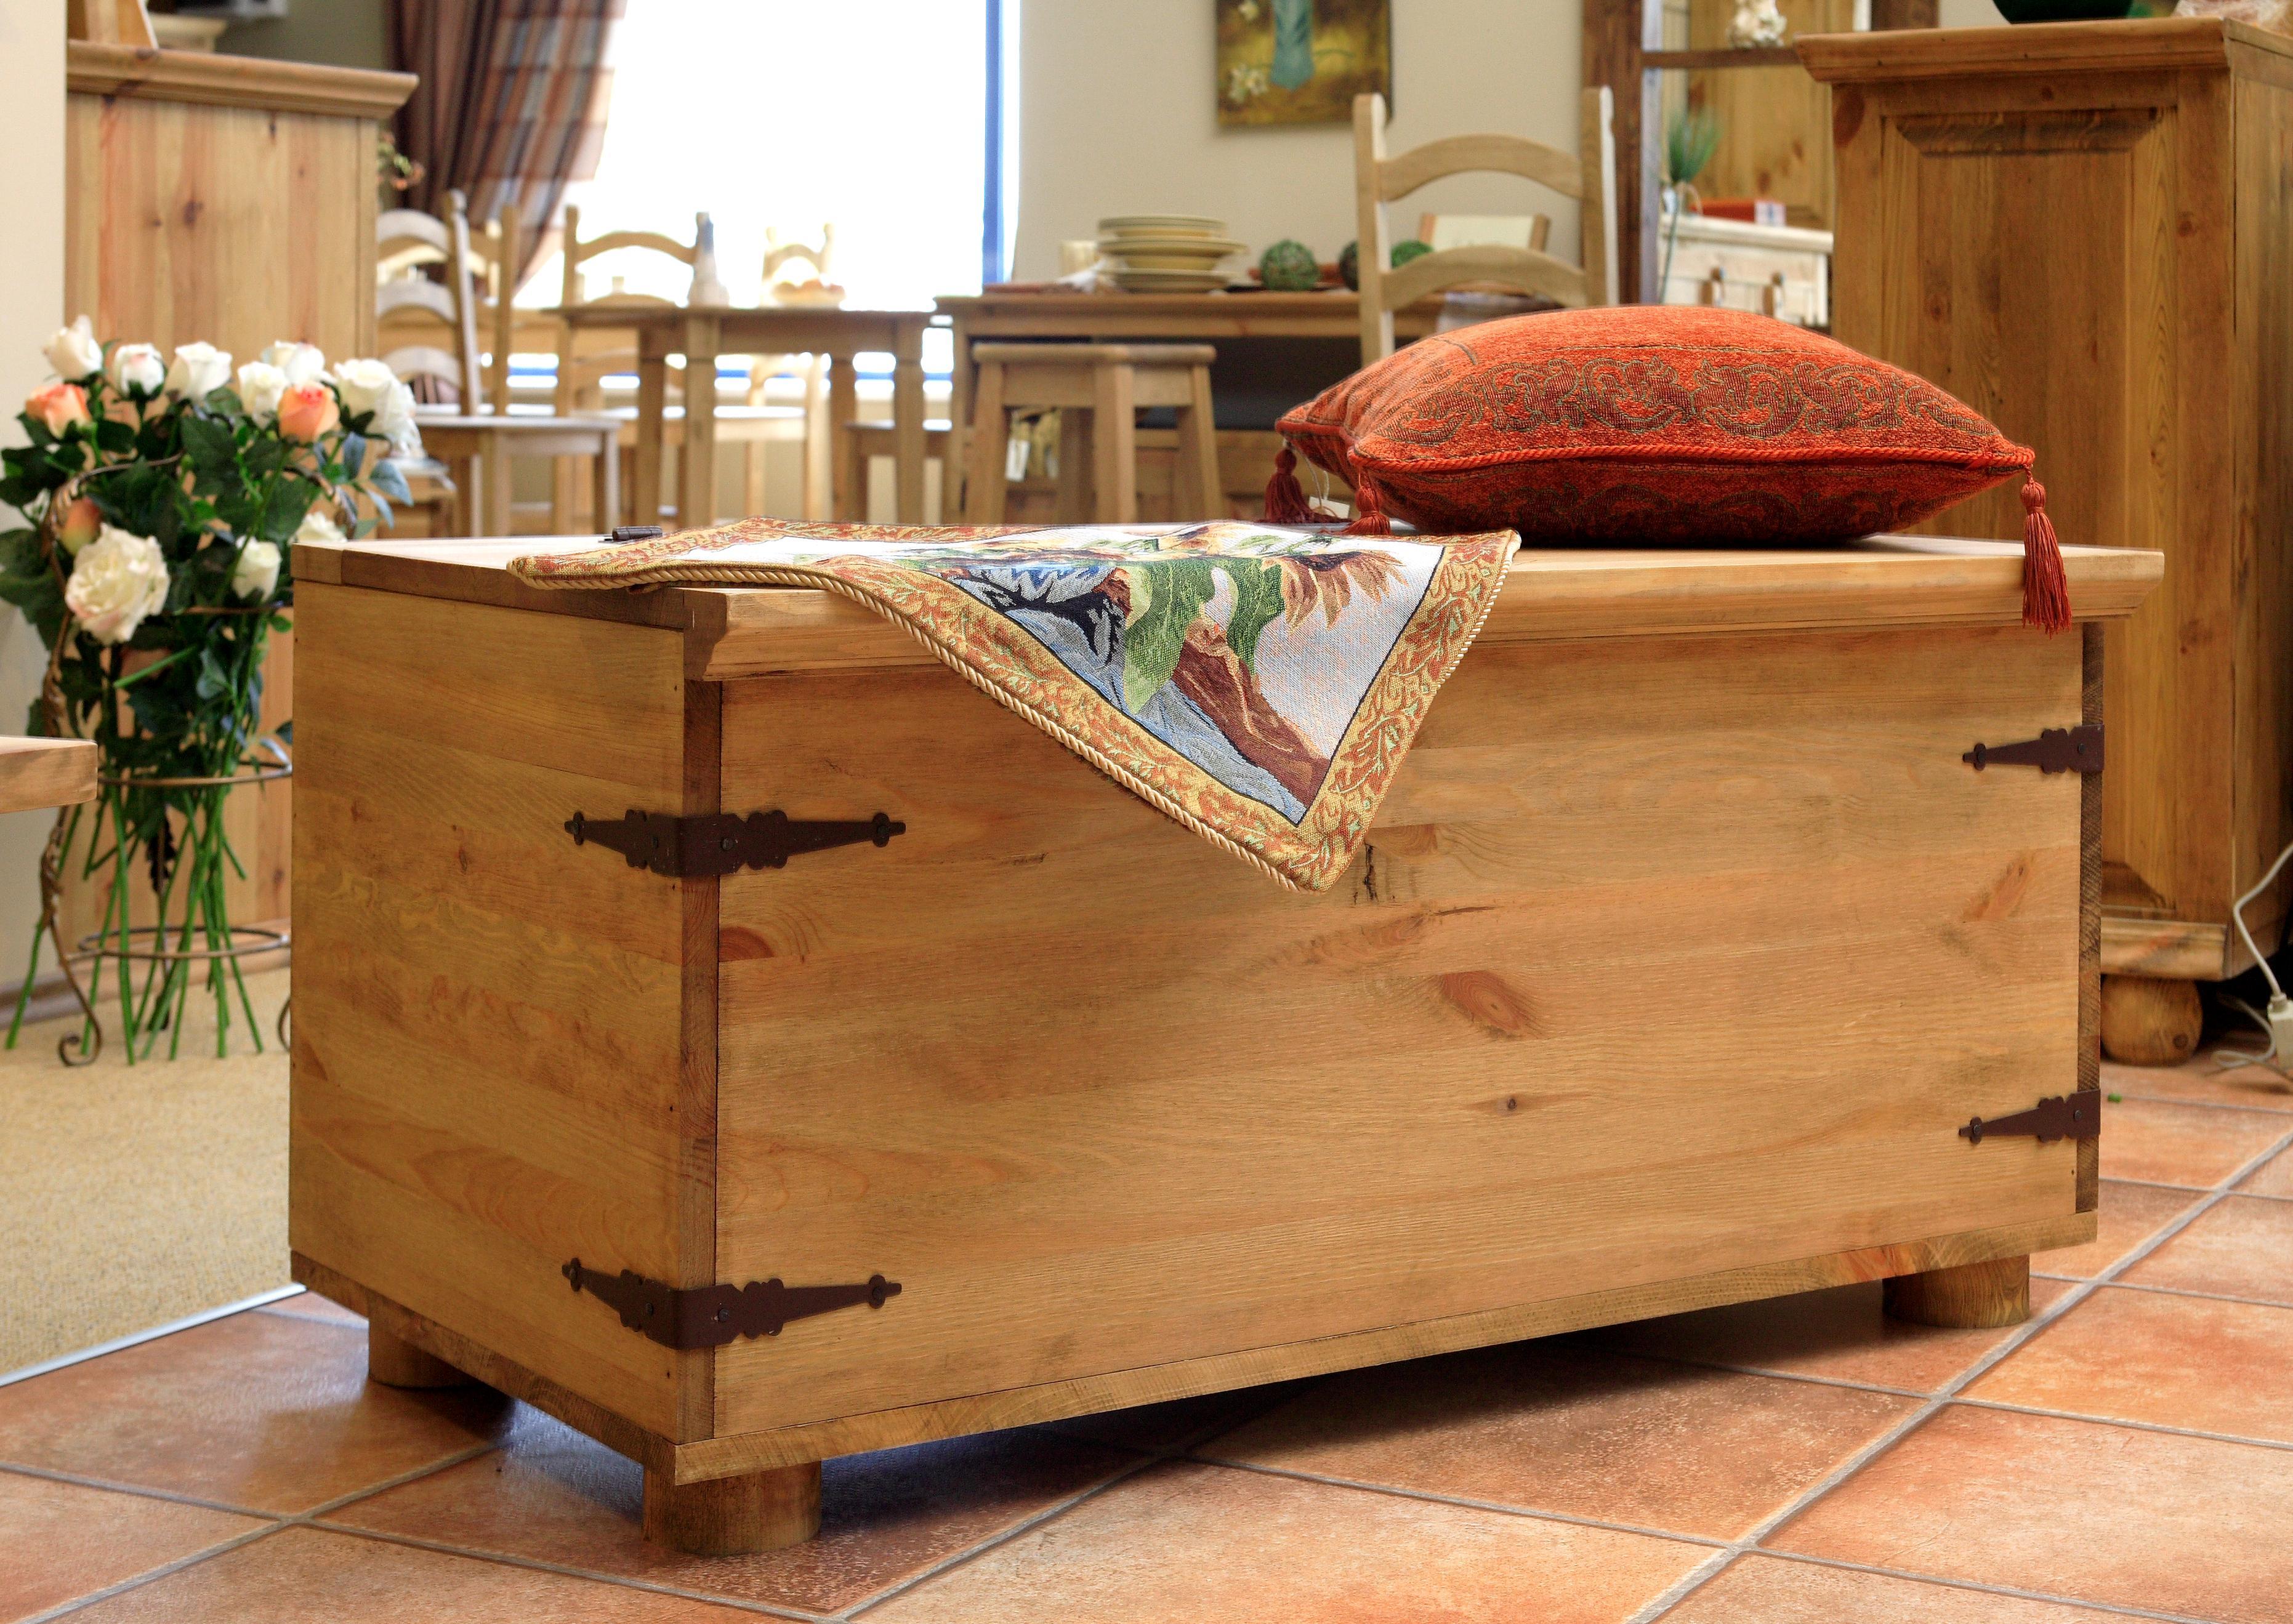 Rustykalna komoda, meble drewniane, biblioteka drewniana, kuchnia - Galeria: zdjęcie 11 z 14 ...